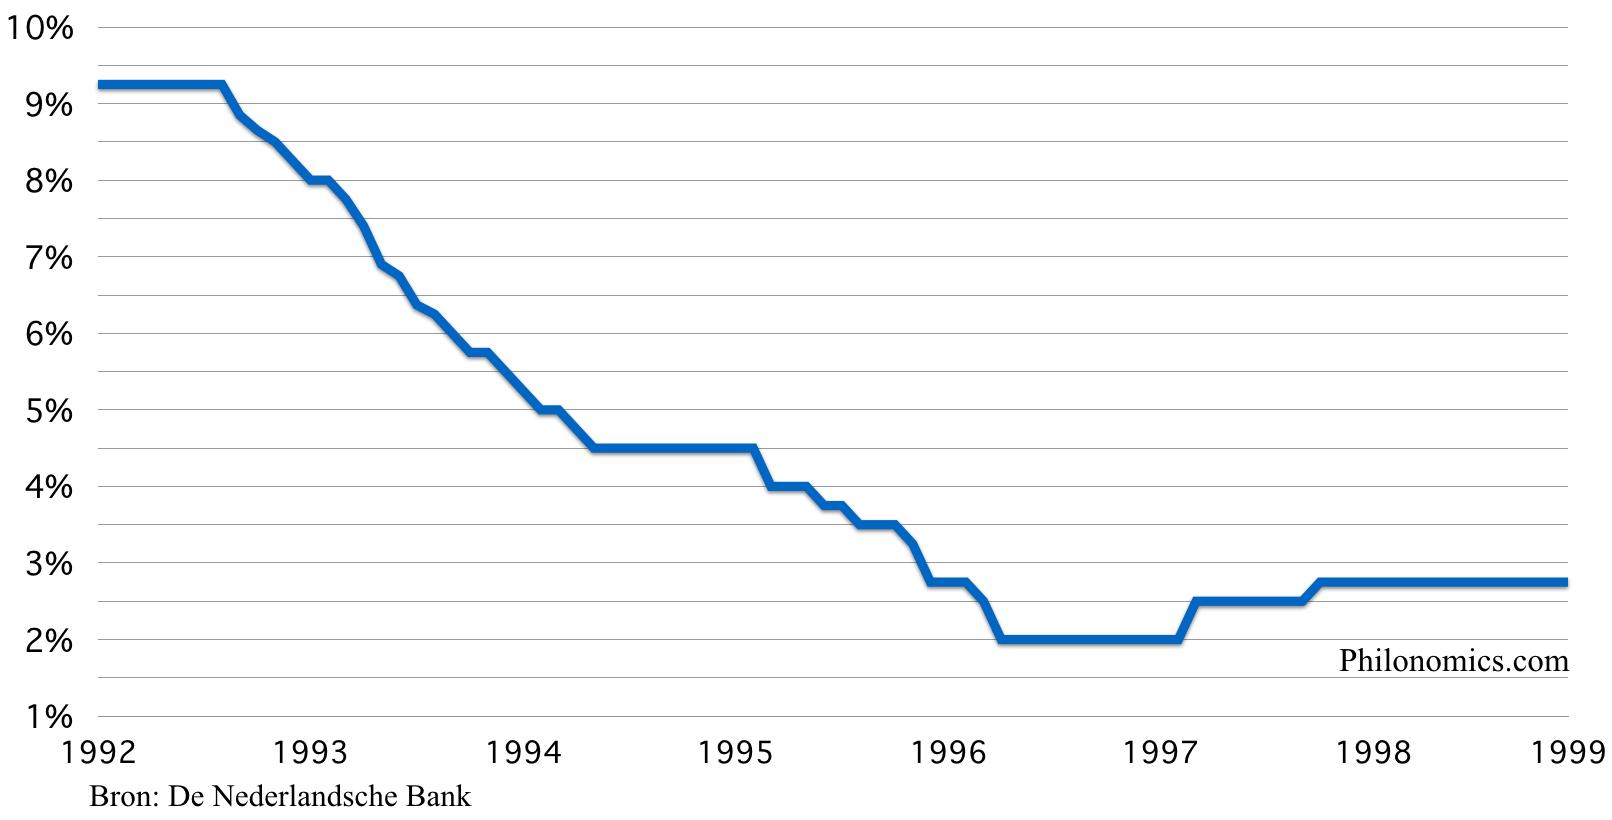 De Nederlandsche Bank rente 1992 - 1999